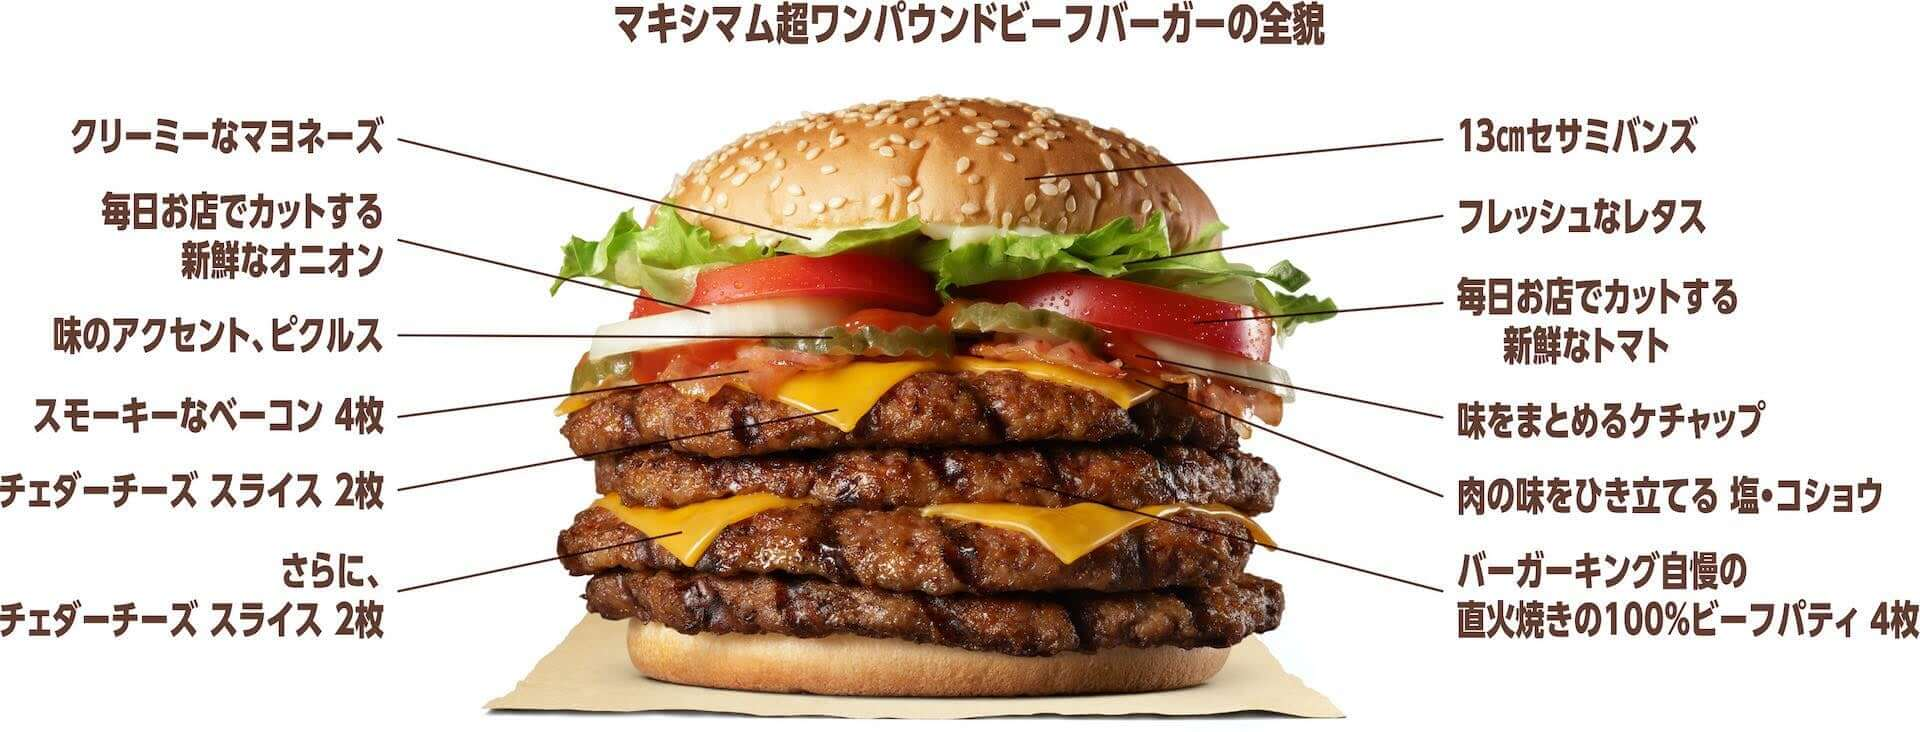 バーガーキングの最強のハンバーガーに挑め!『マキシマム超ワンパウンドビーフバーガー』が食べ放題となる期間限定キャンペーン<マキシマム・ザ・チャレンジ>開催決定 gourmet200915_burgerking_2-1920x732